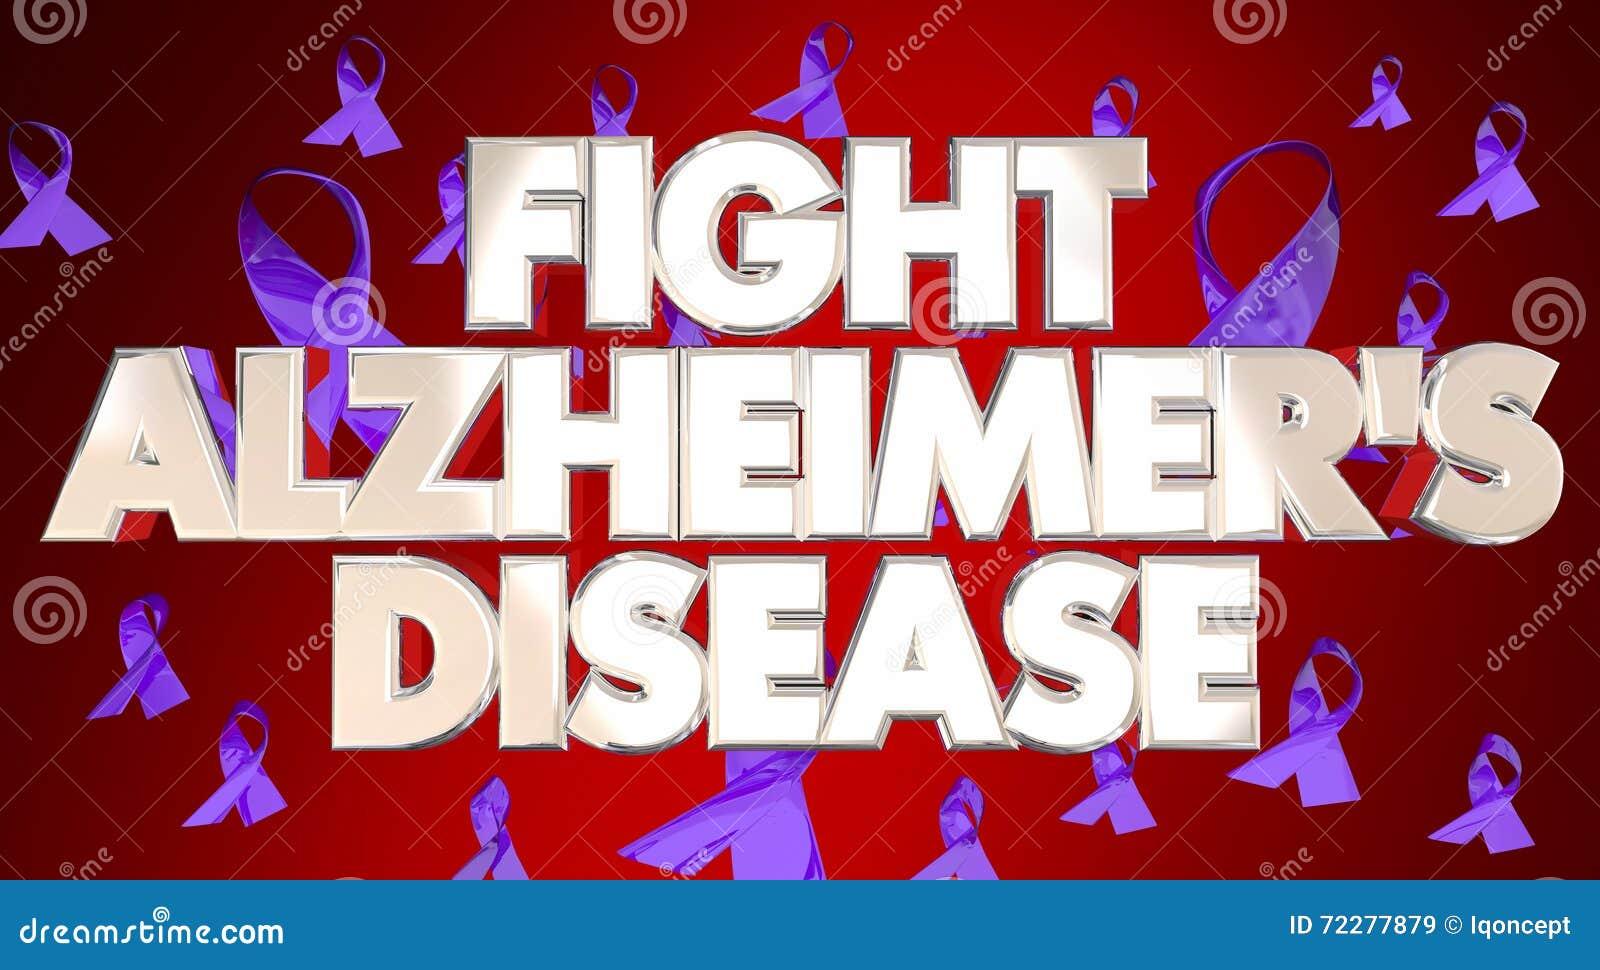 Download Сборщик денег лент осведомленности заболеванием Alzheimers боя Иллюстрация штока - иллюстрации насчитывающей благотворительно, здоровье: 72277879